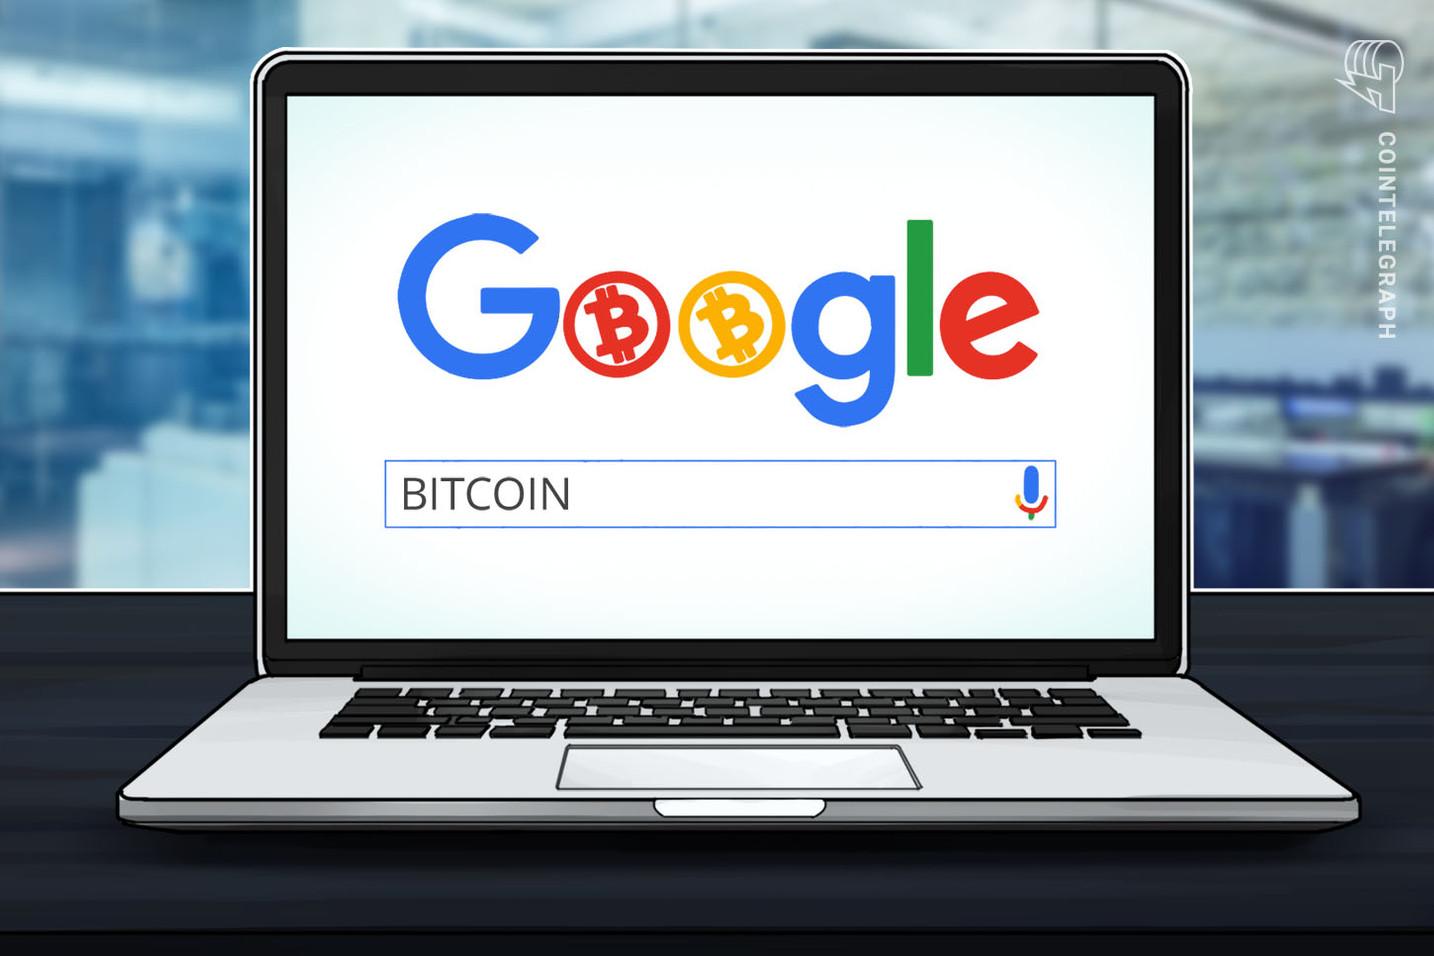 구글 트렌드, 반감기 따른 상승장세 가능성 시사